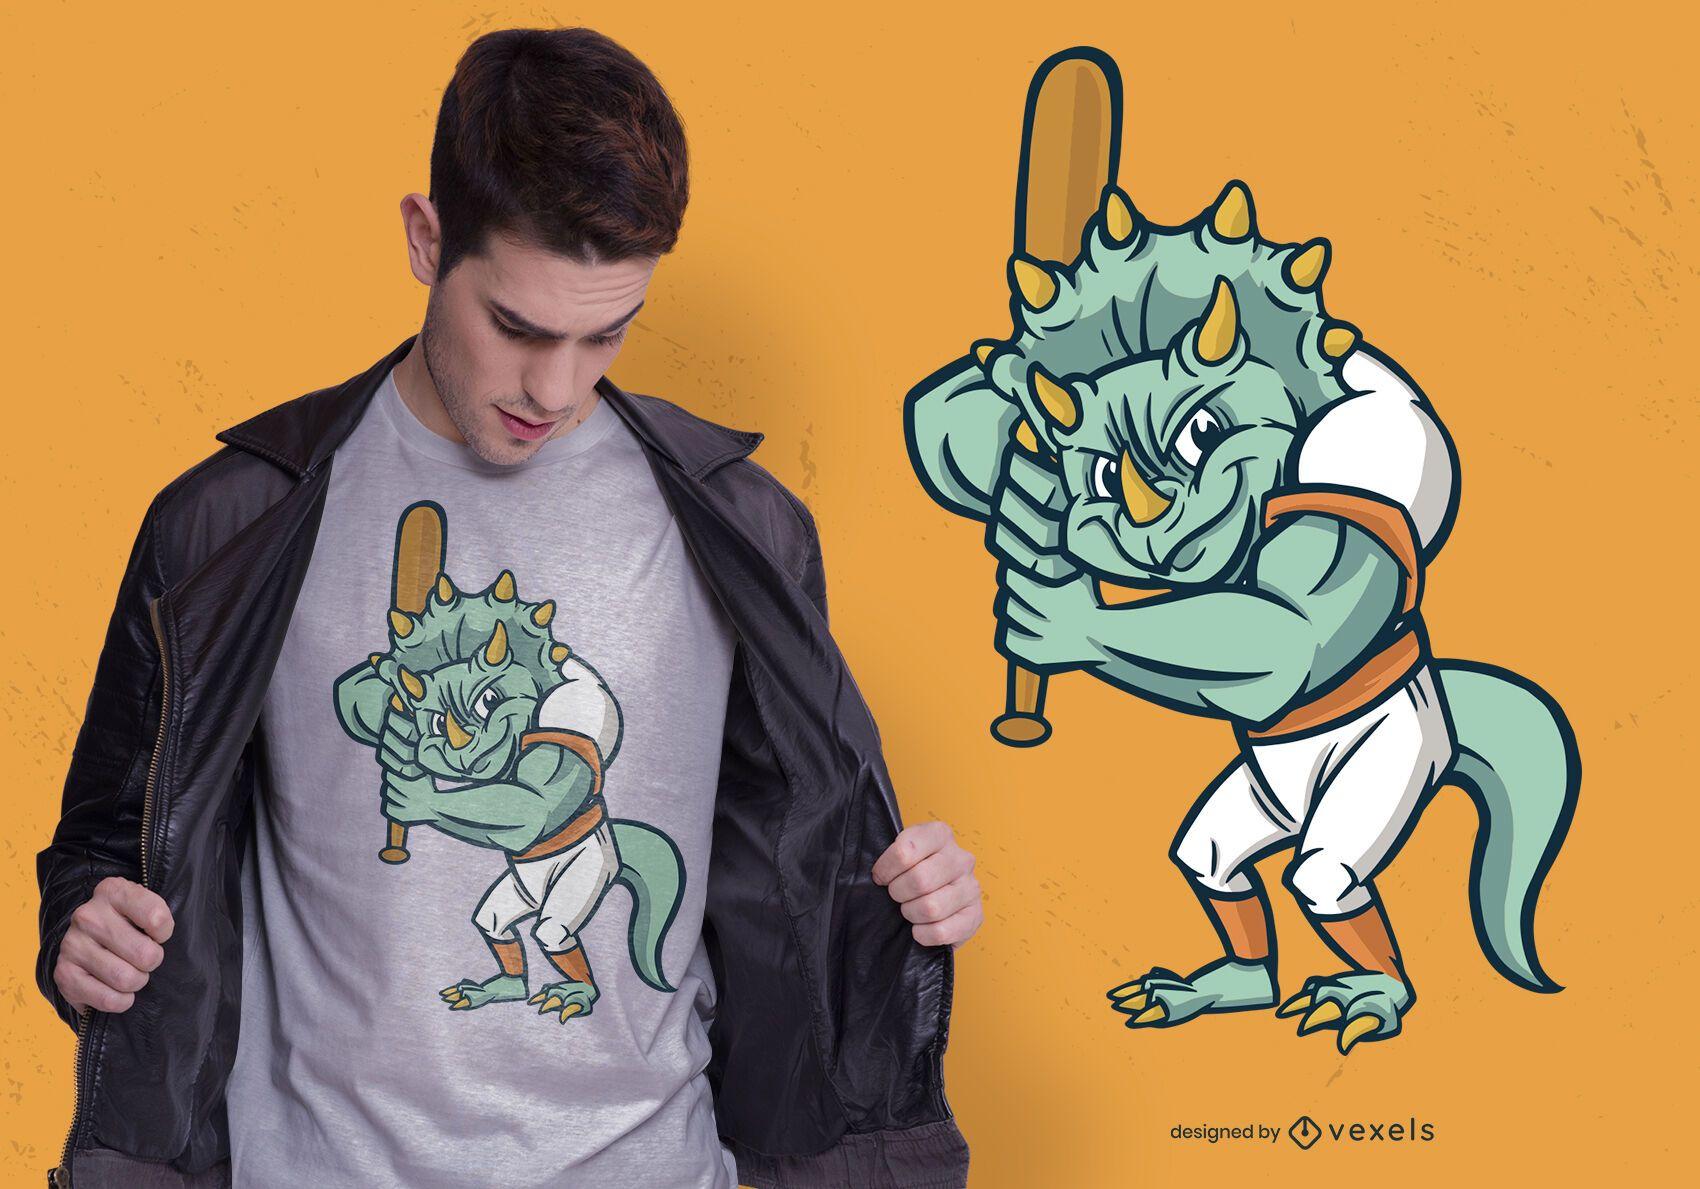 Dise?o de camiseta de dinosaurio de b?isbol.